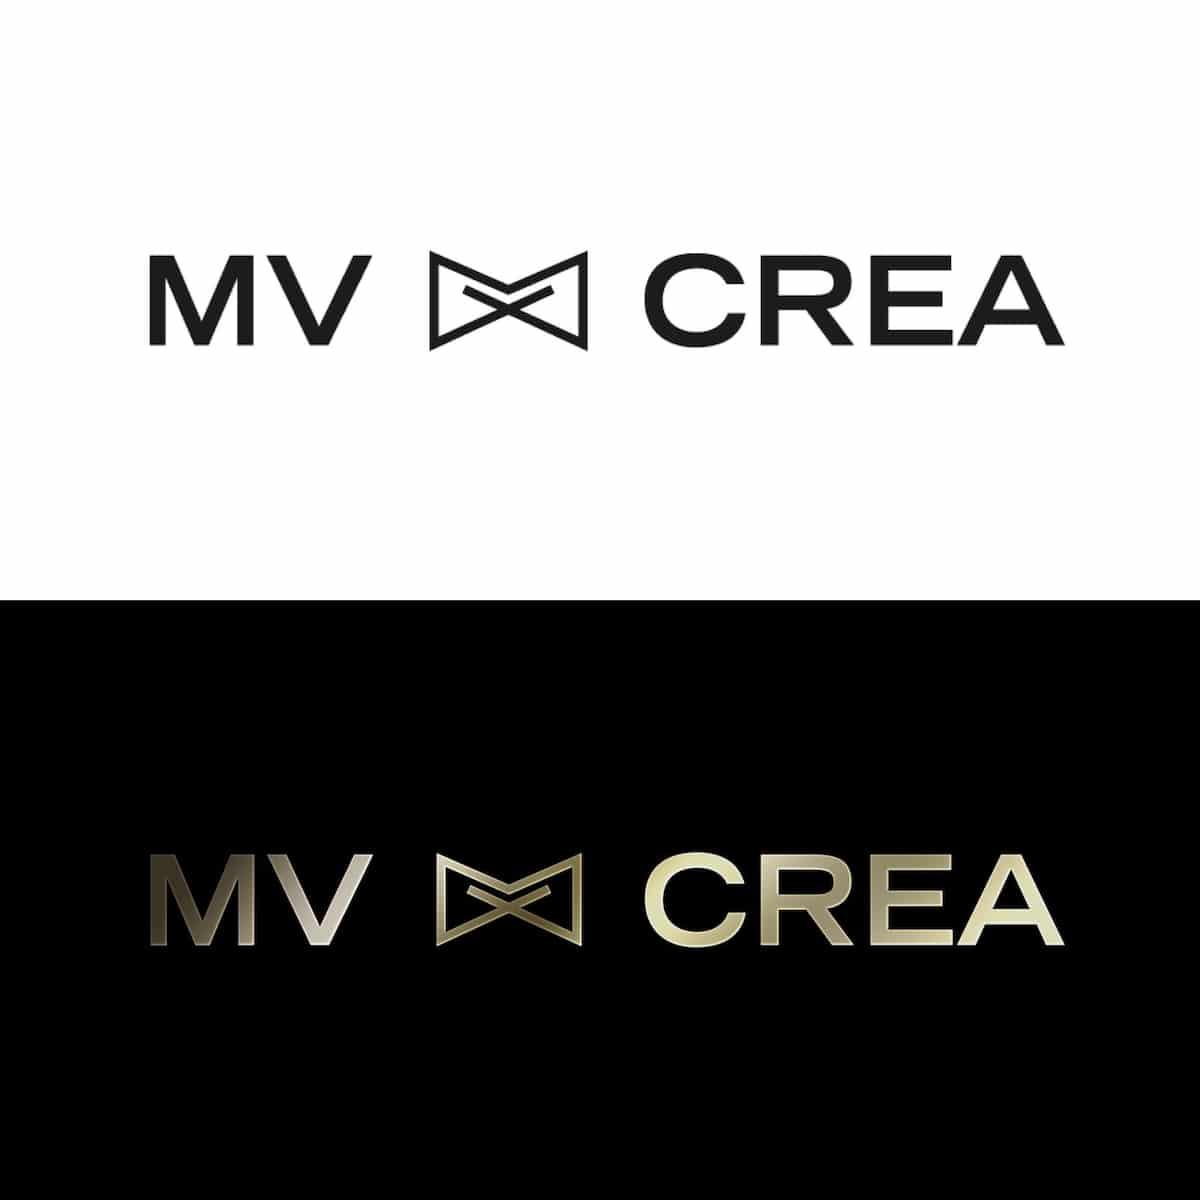 Logos société MV CREA